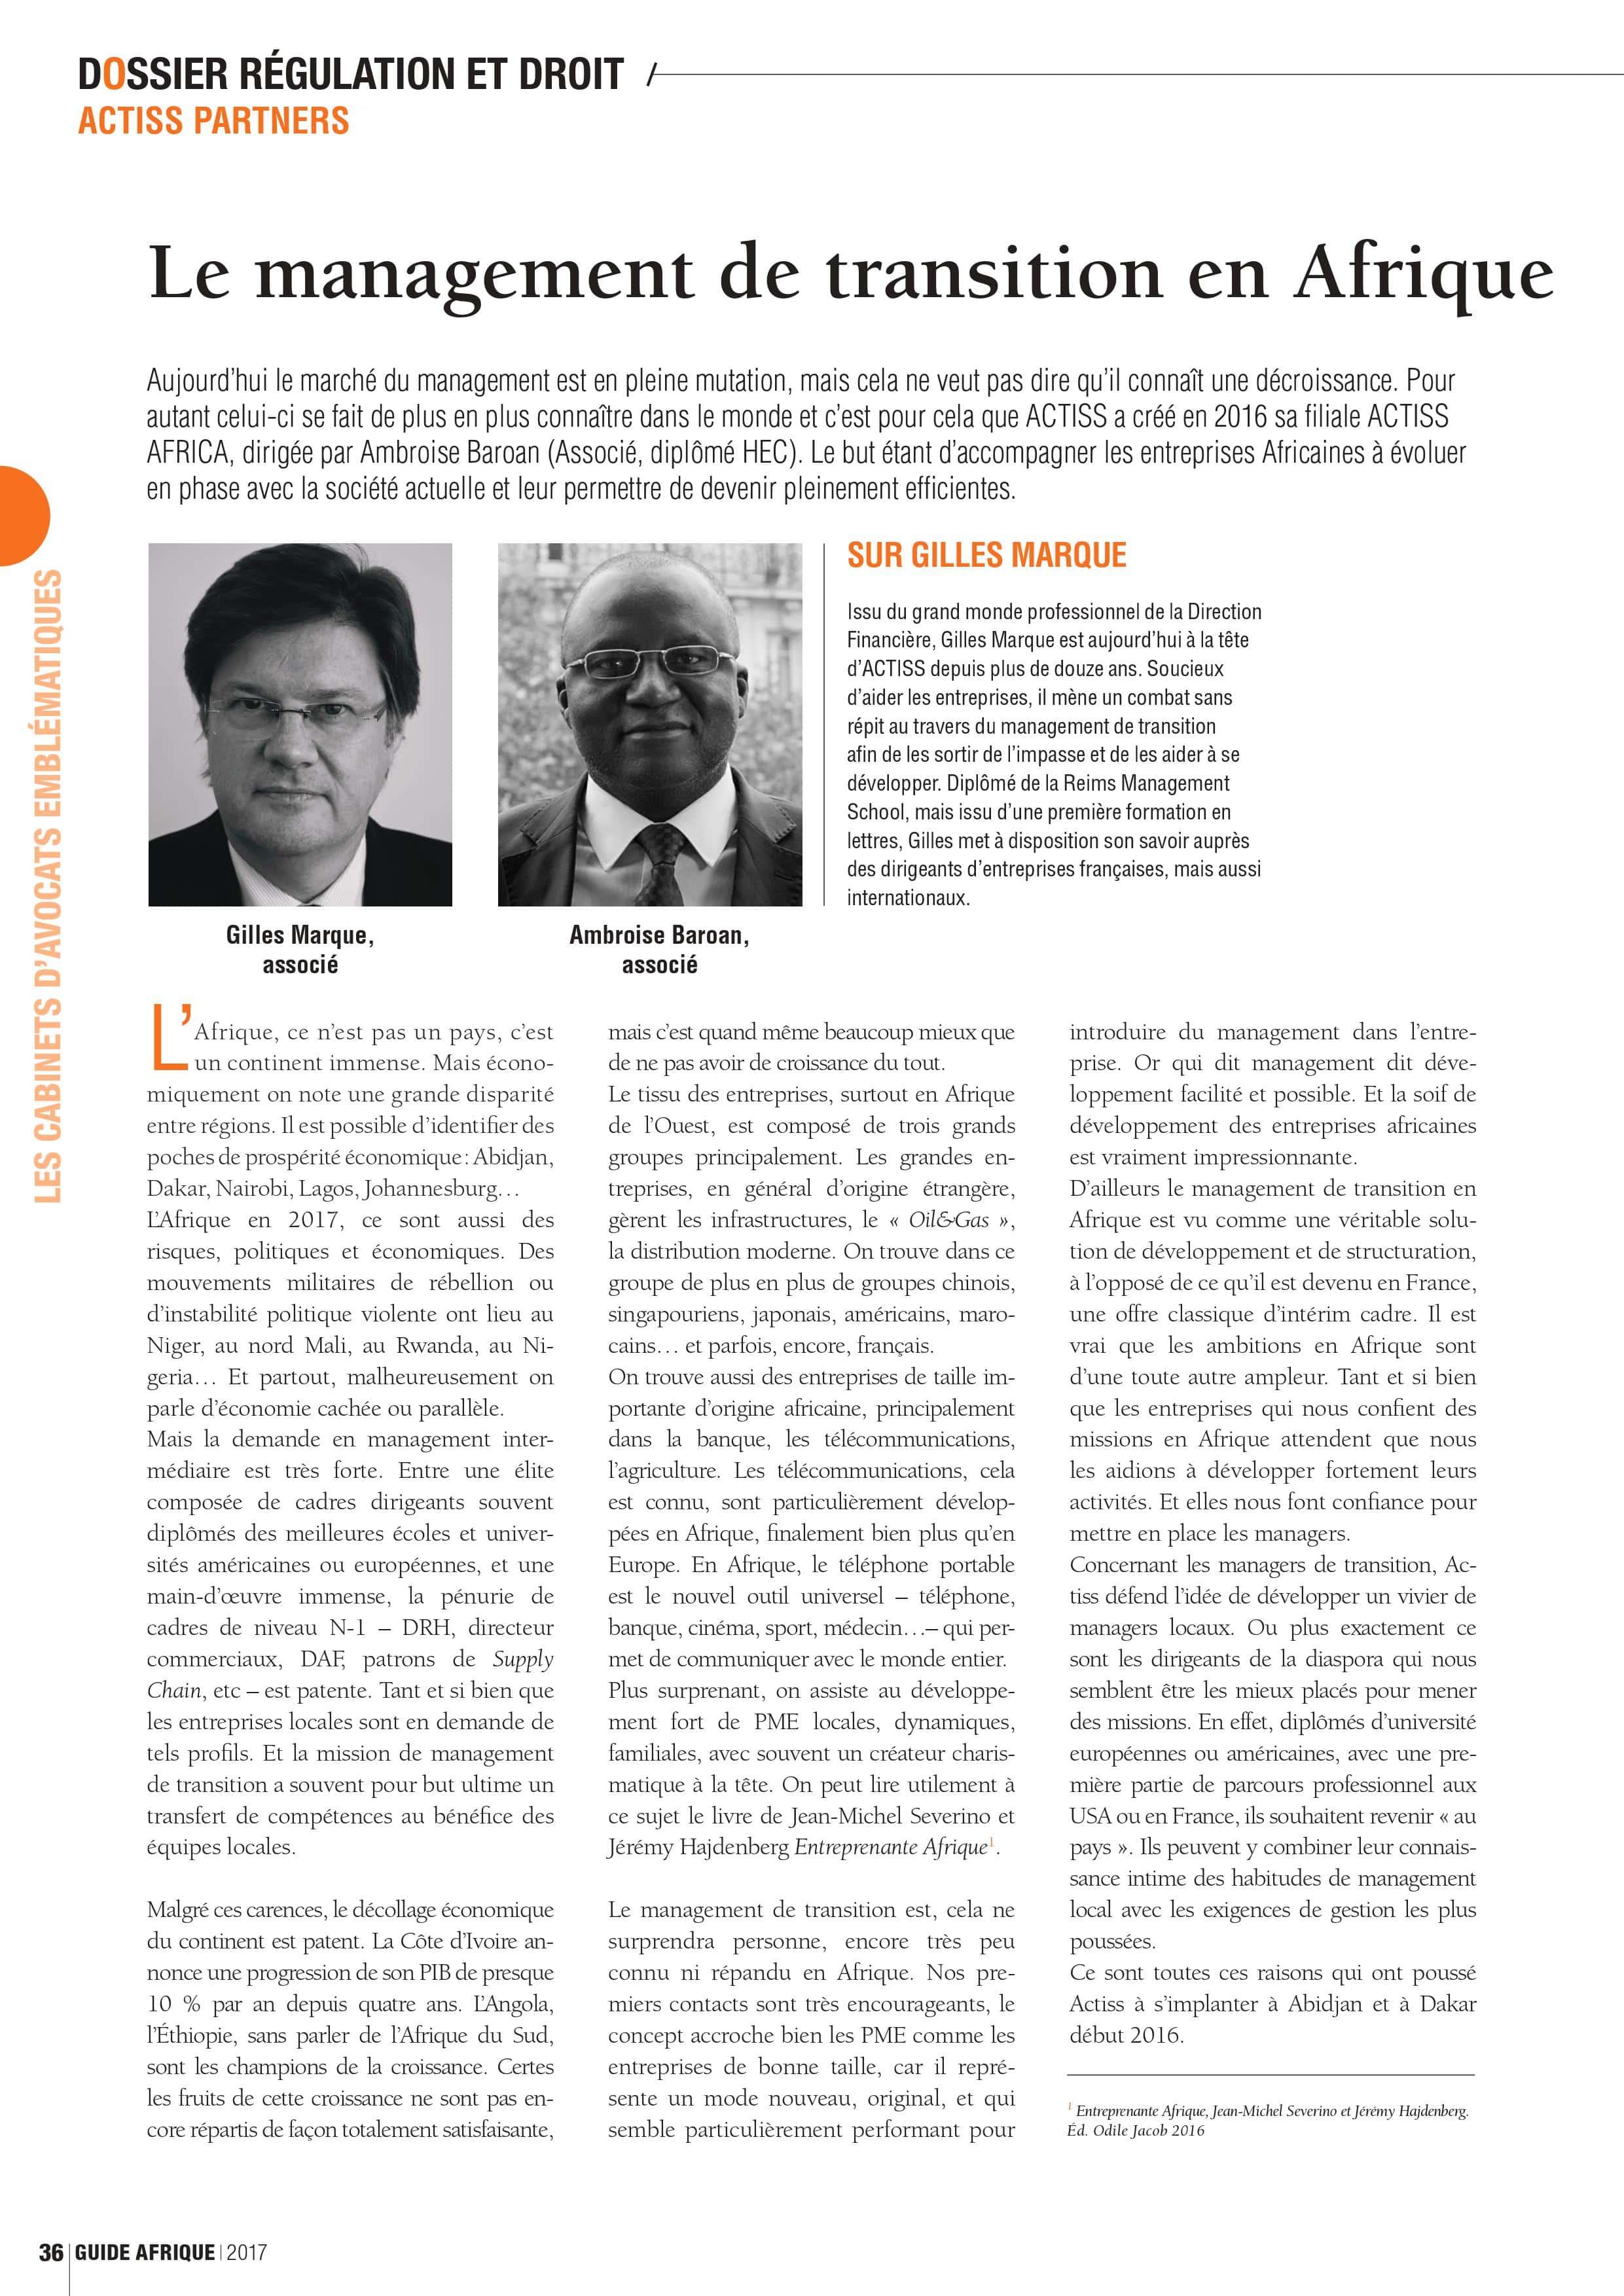 article decideurs magazine ACTISS